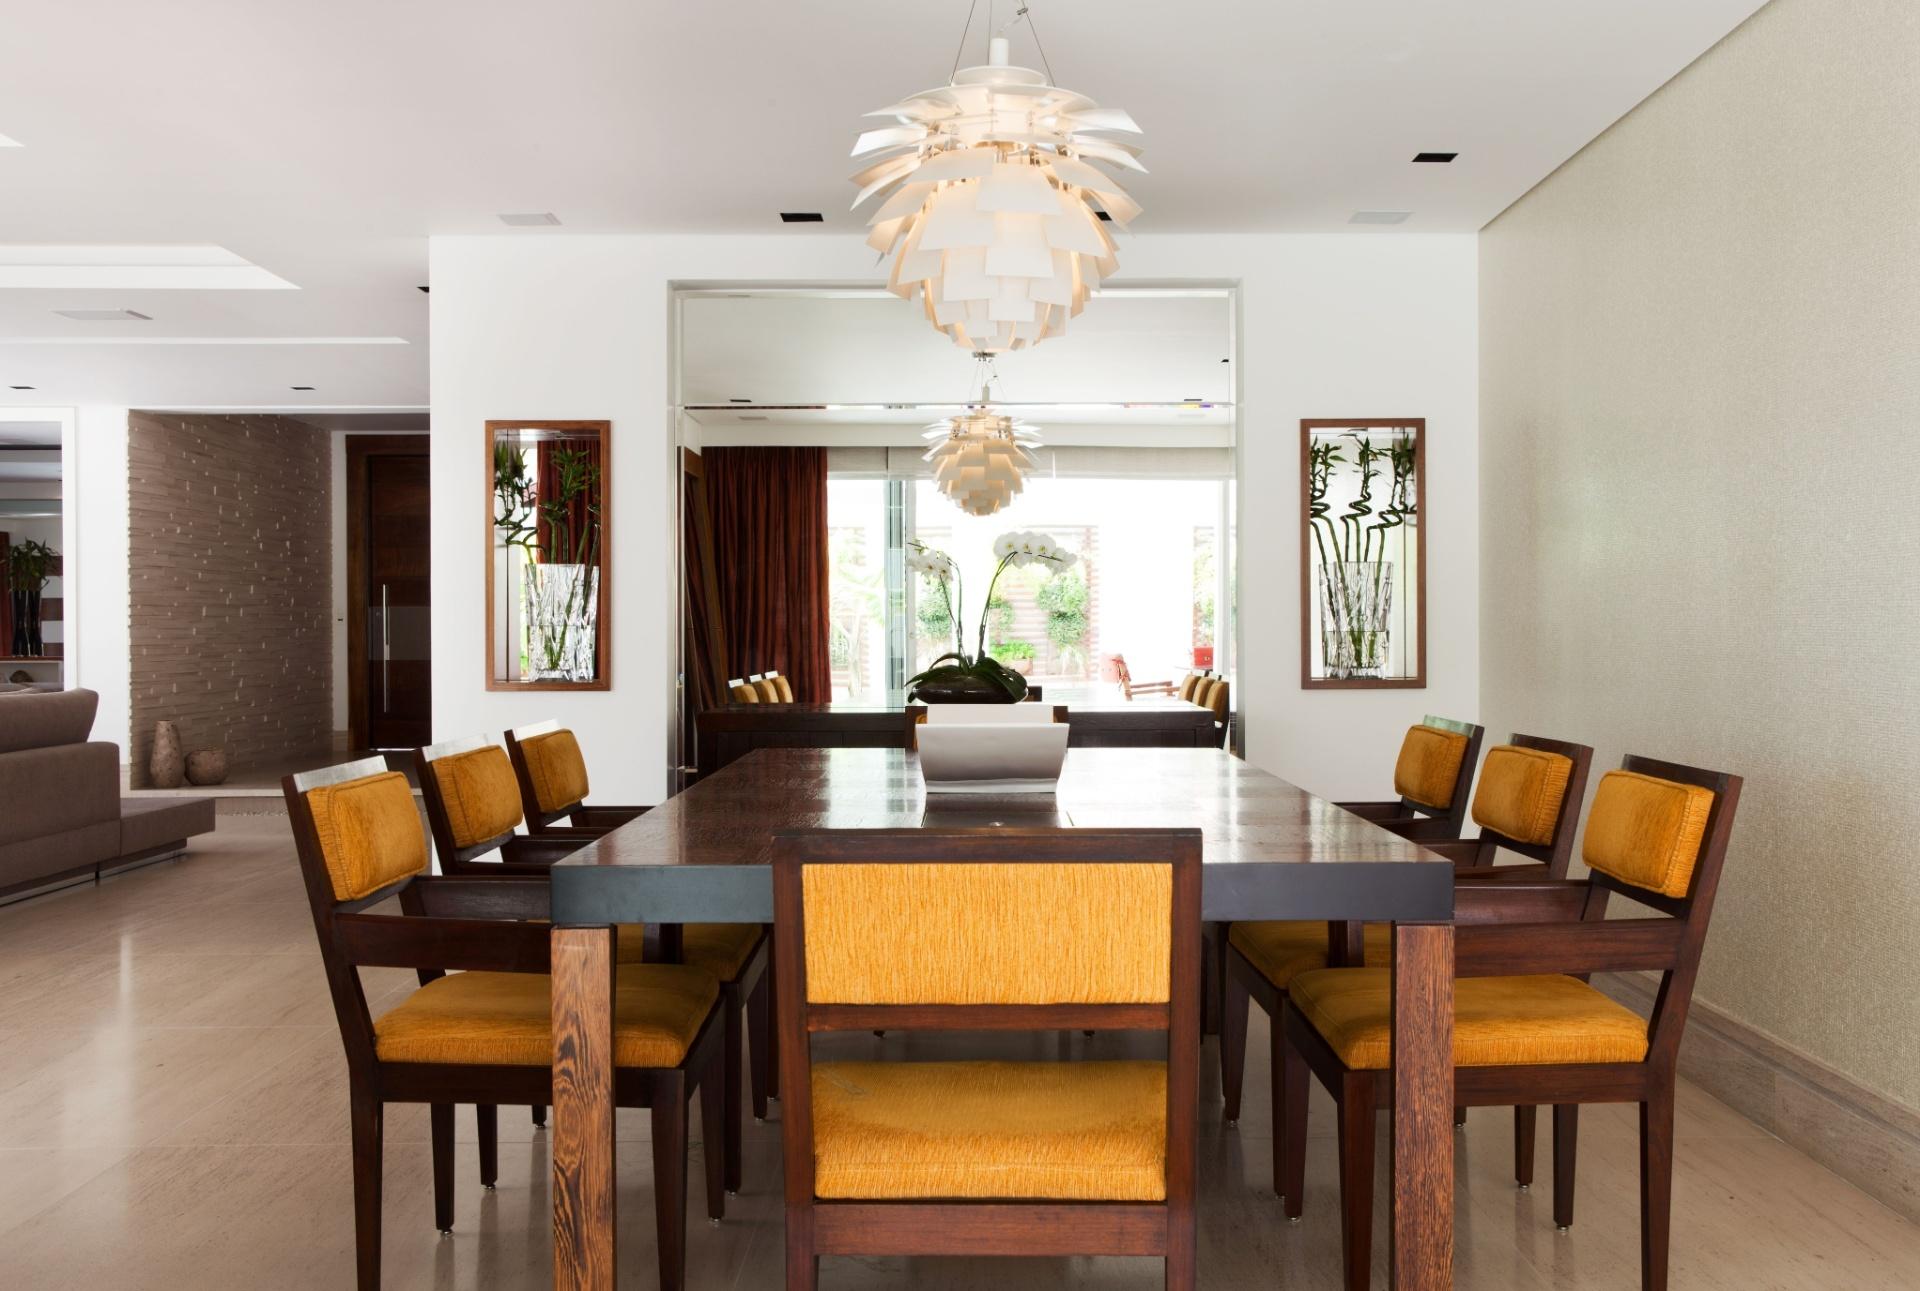 A sala de jantar da casa em Barueri (SP), decorada por Giseli Koraicho, tem mesa e cadeiras da Interni, em madeira, e lustre da Lustreco. Destaque para os espelhos generosos, inclusive nos nichos que sustentam os vasos, que ampliam ainda mais o ambiente